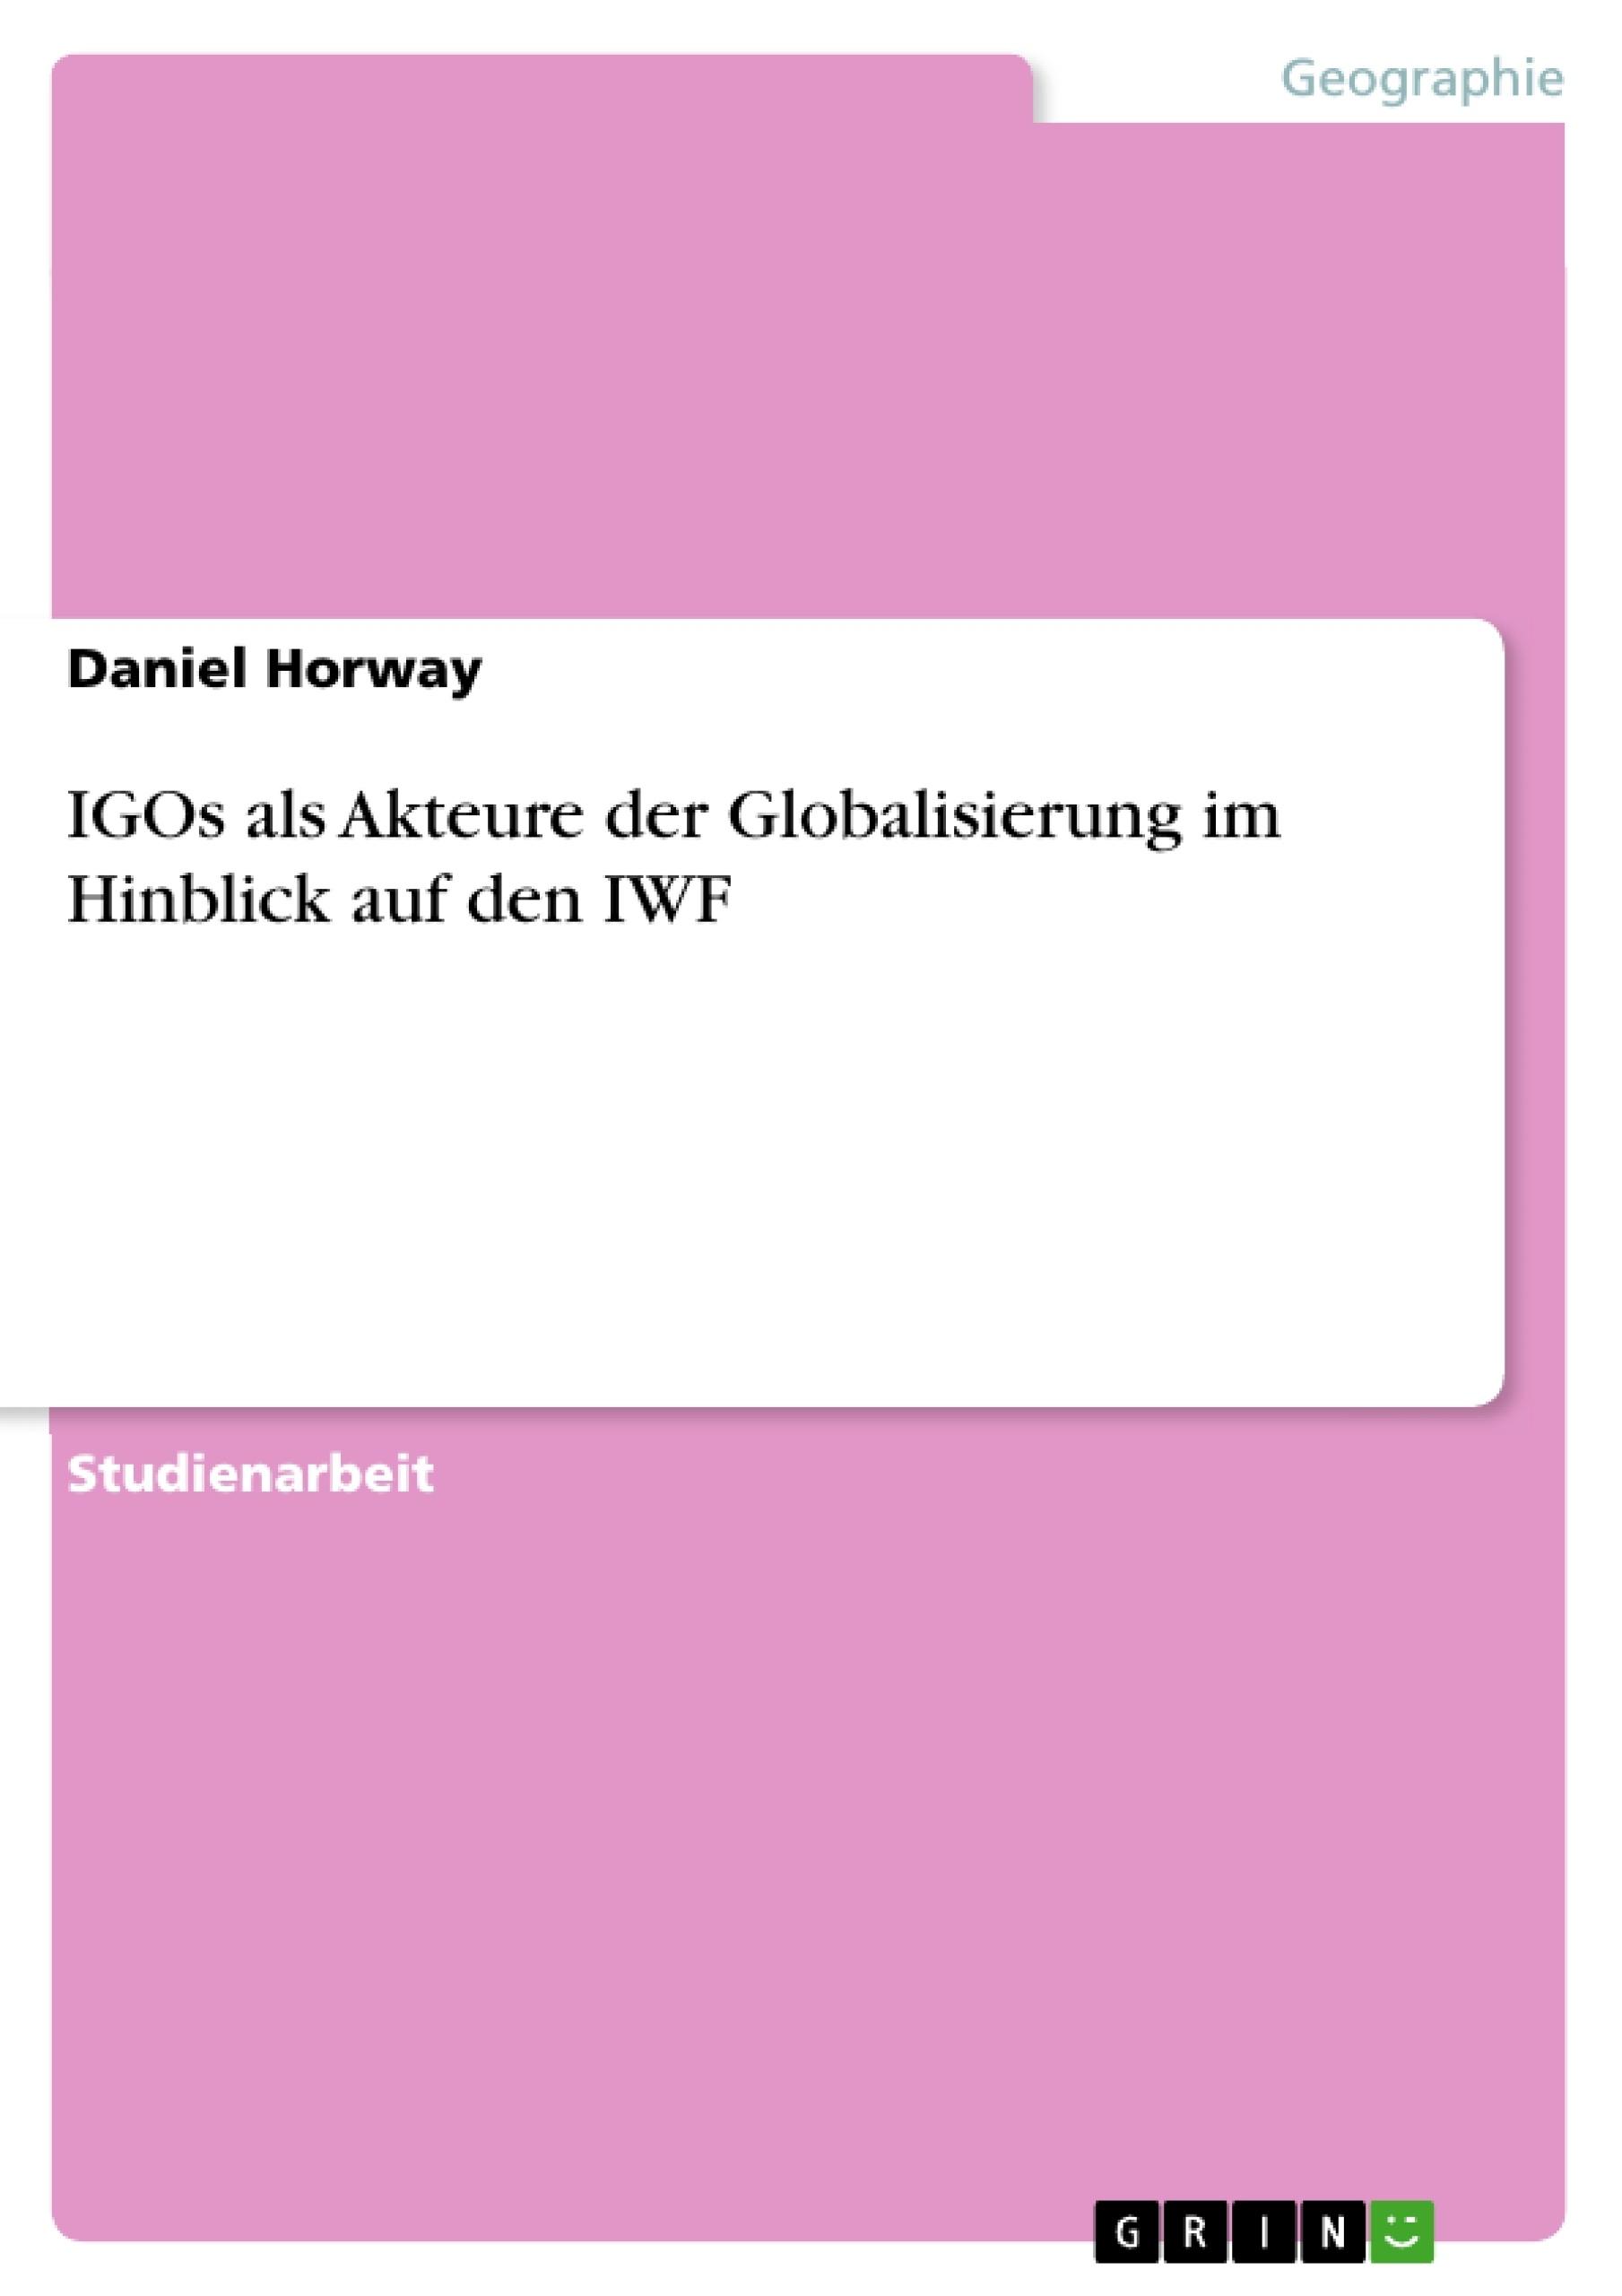 Titel: IGOs als Akteure der Globalisierung im Hinblick auf den IWF